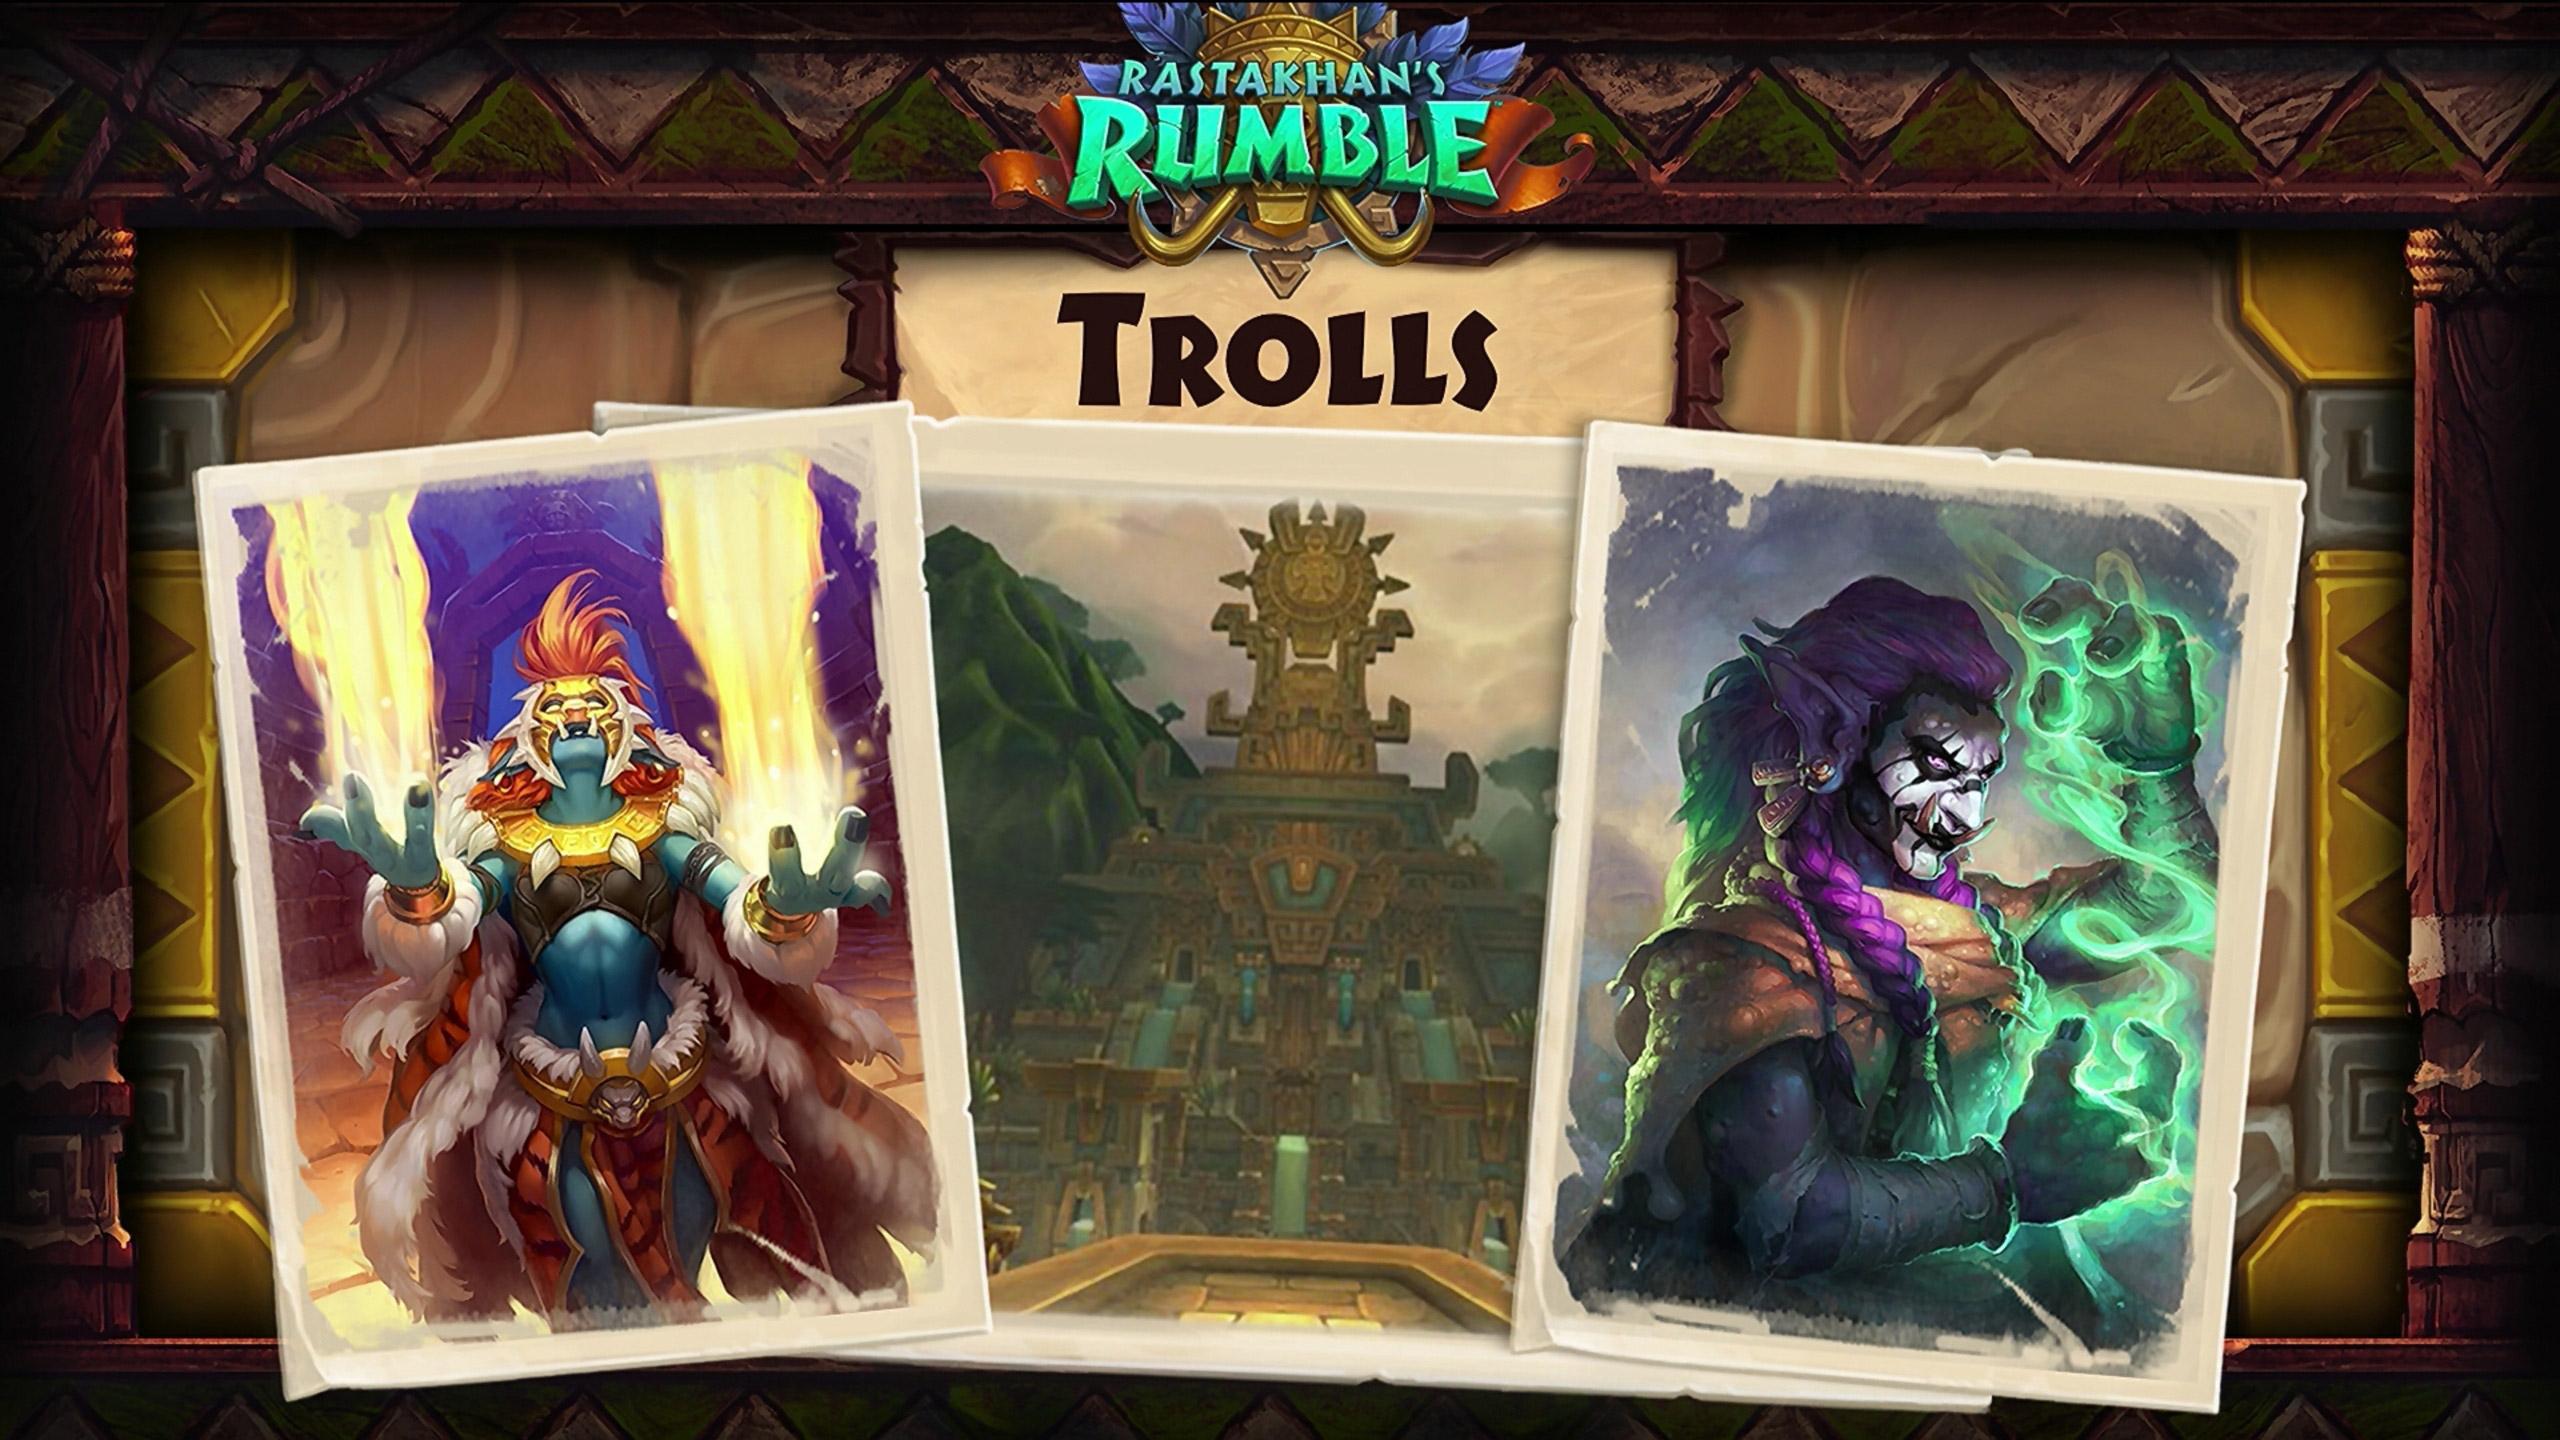 La sortie de Battle for Azeroth était l'opportunité idéale pour une extension sur les Trolls